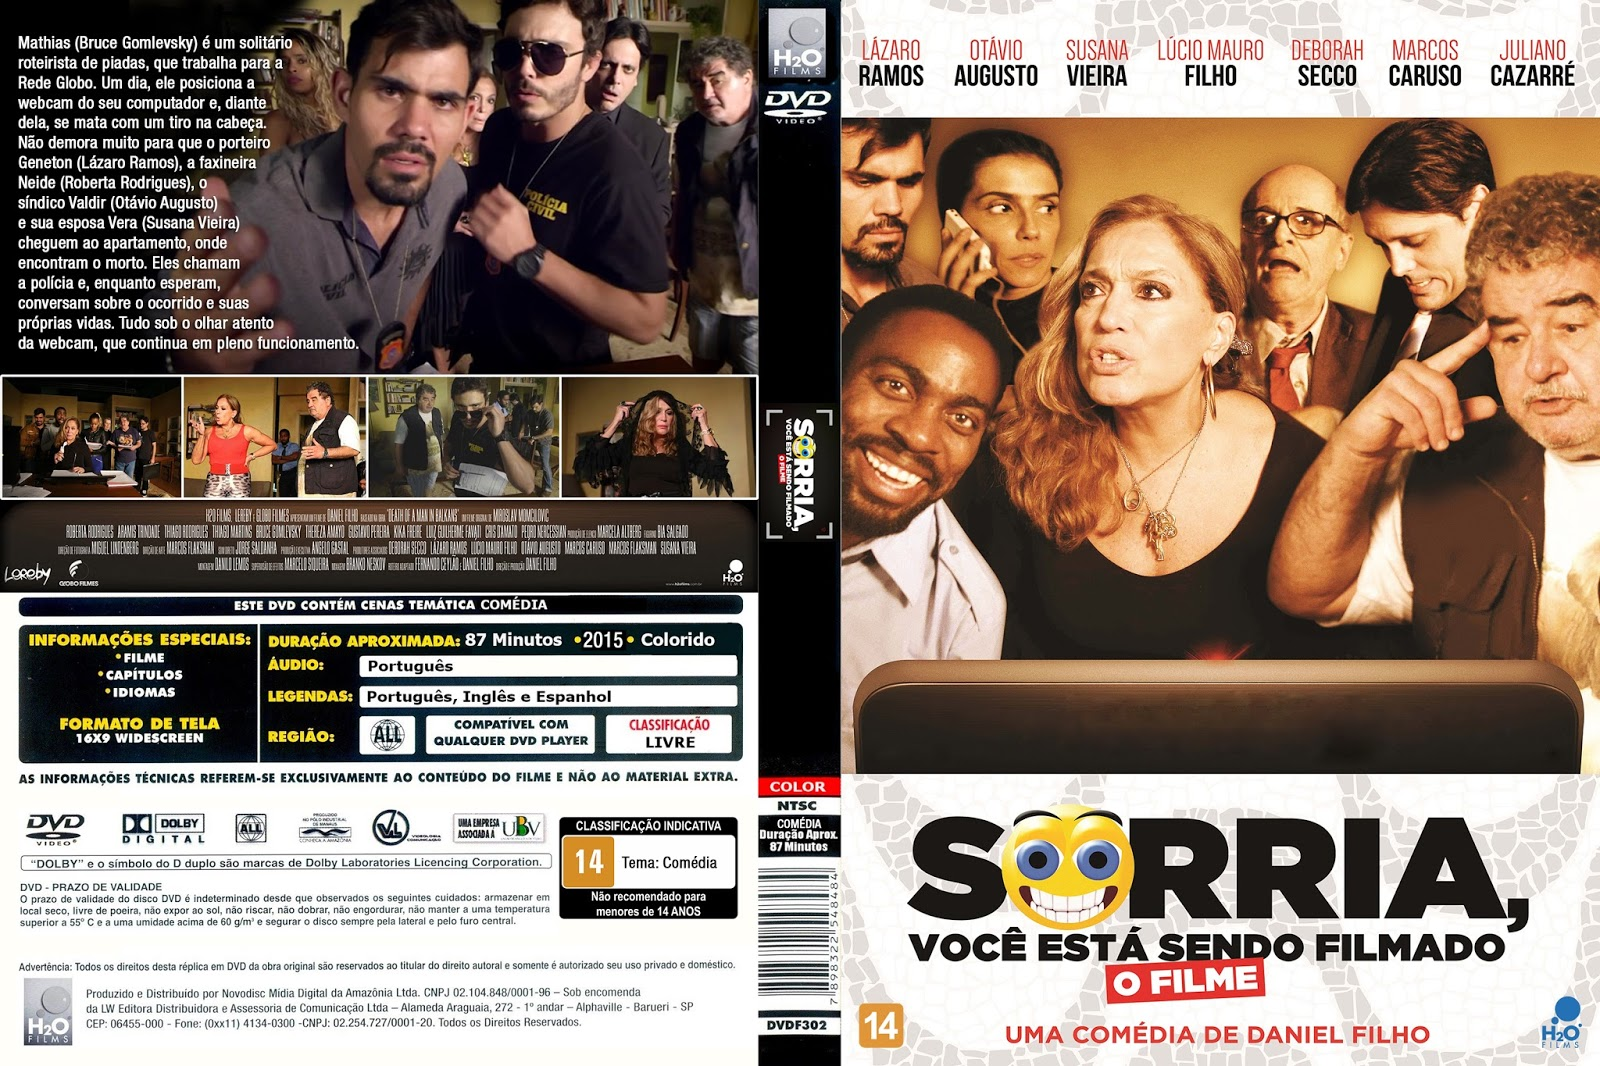 Sorria, Você Está Sendo Filmado O Filme DVDRip XviD Nacional 1